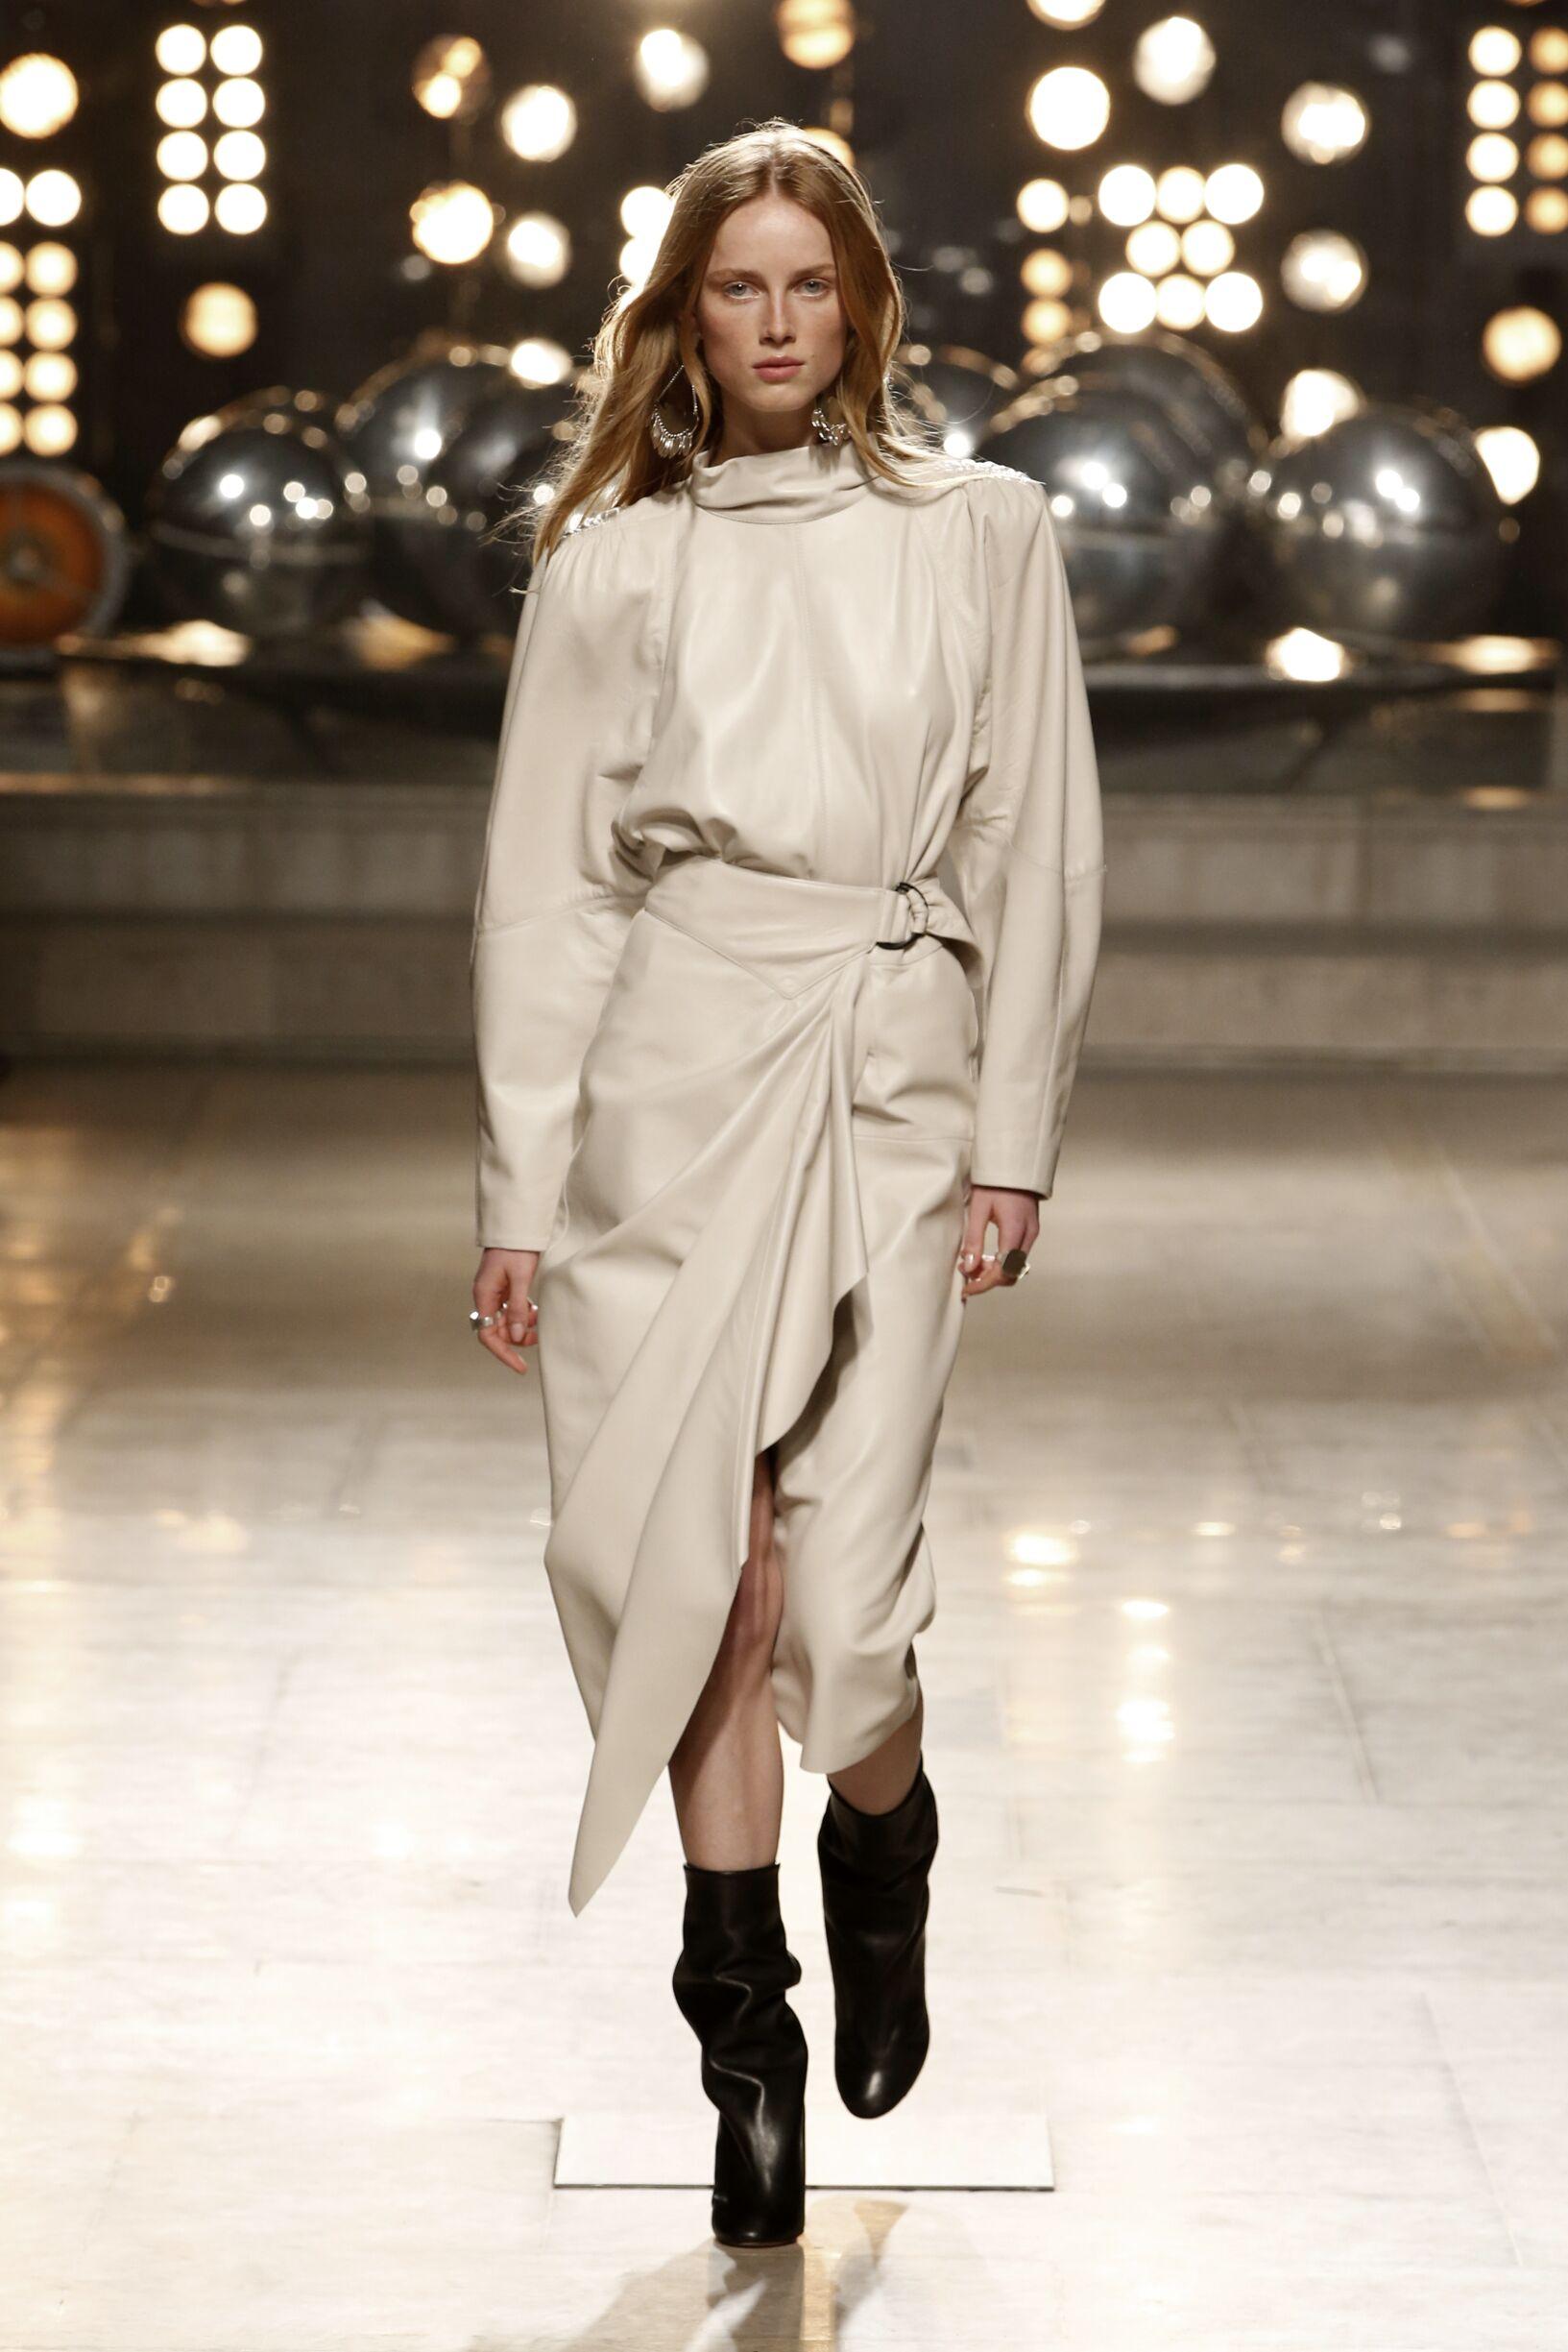 Model Fashion Show Isabel Marant